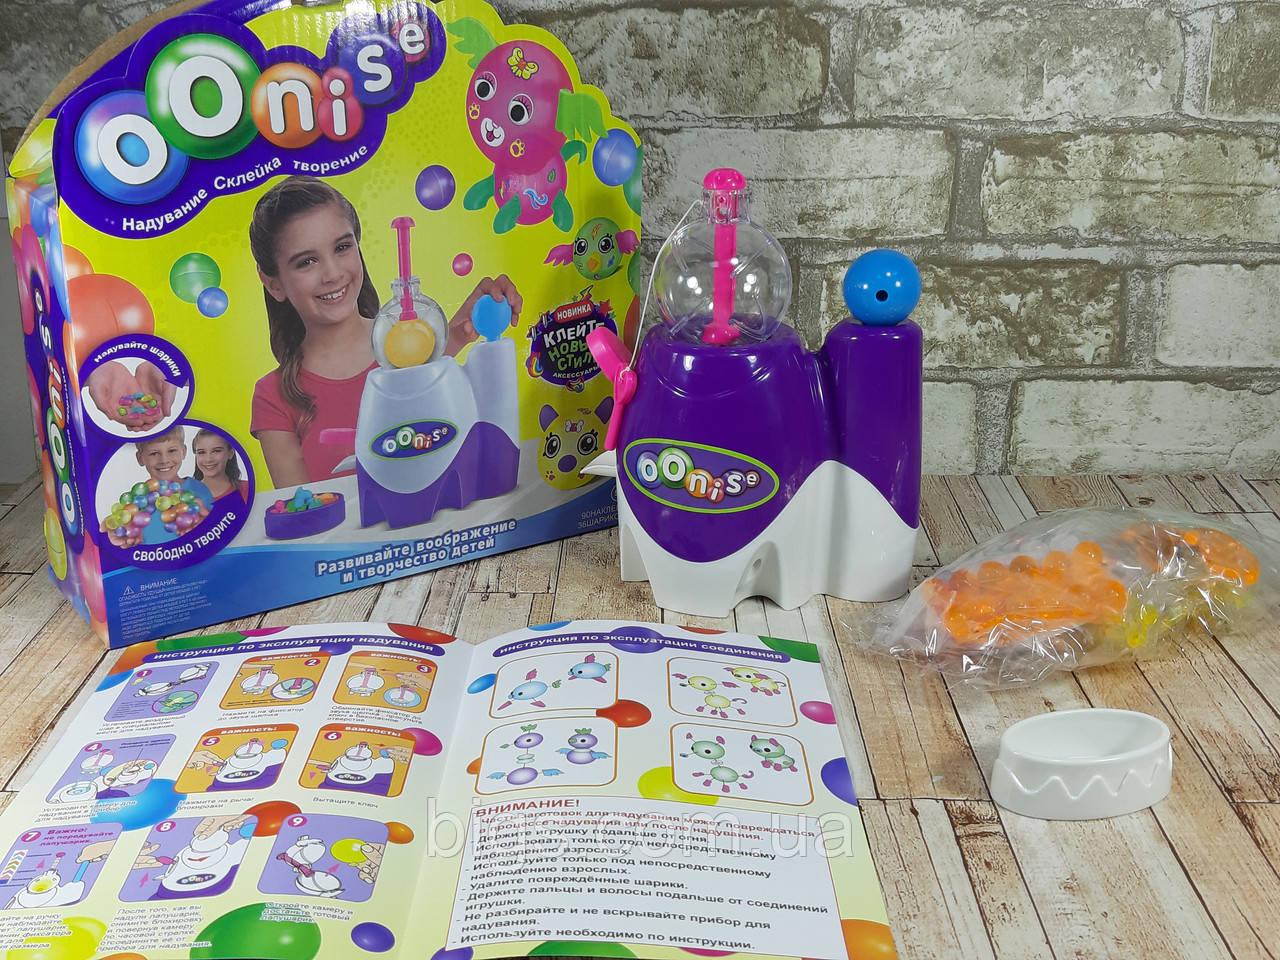 Набор конструктор для создания надувных игрушек Oonise